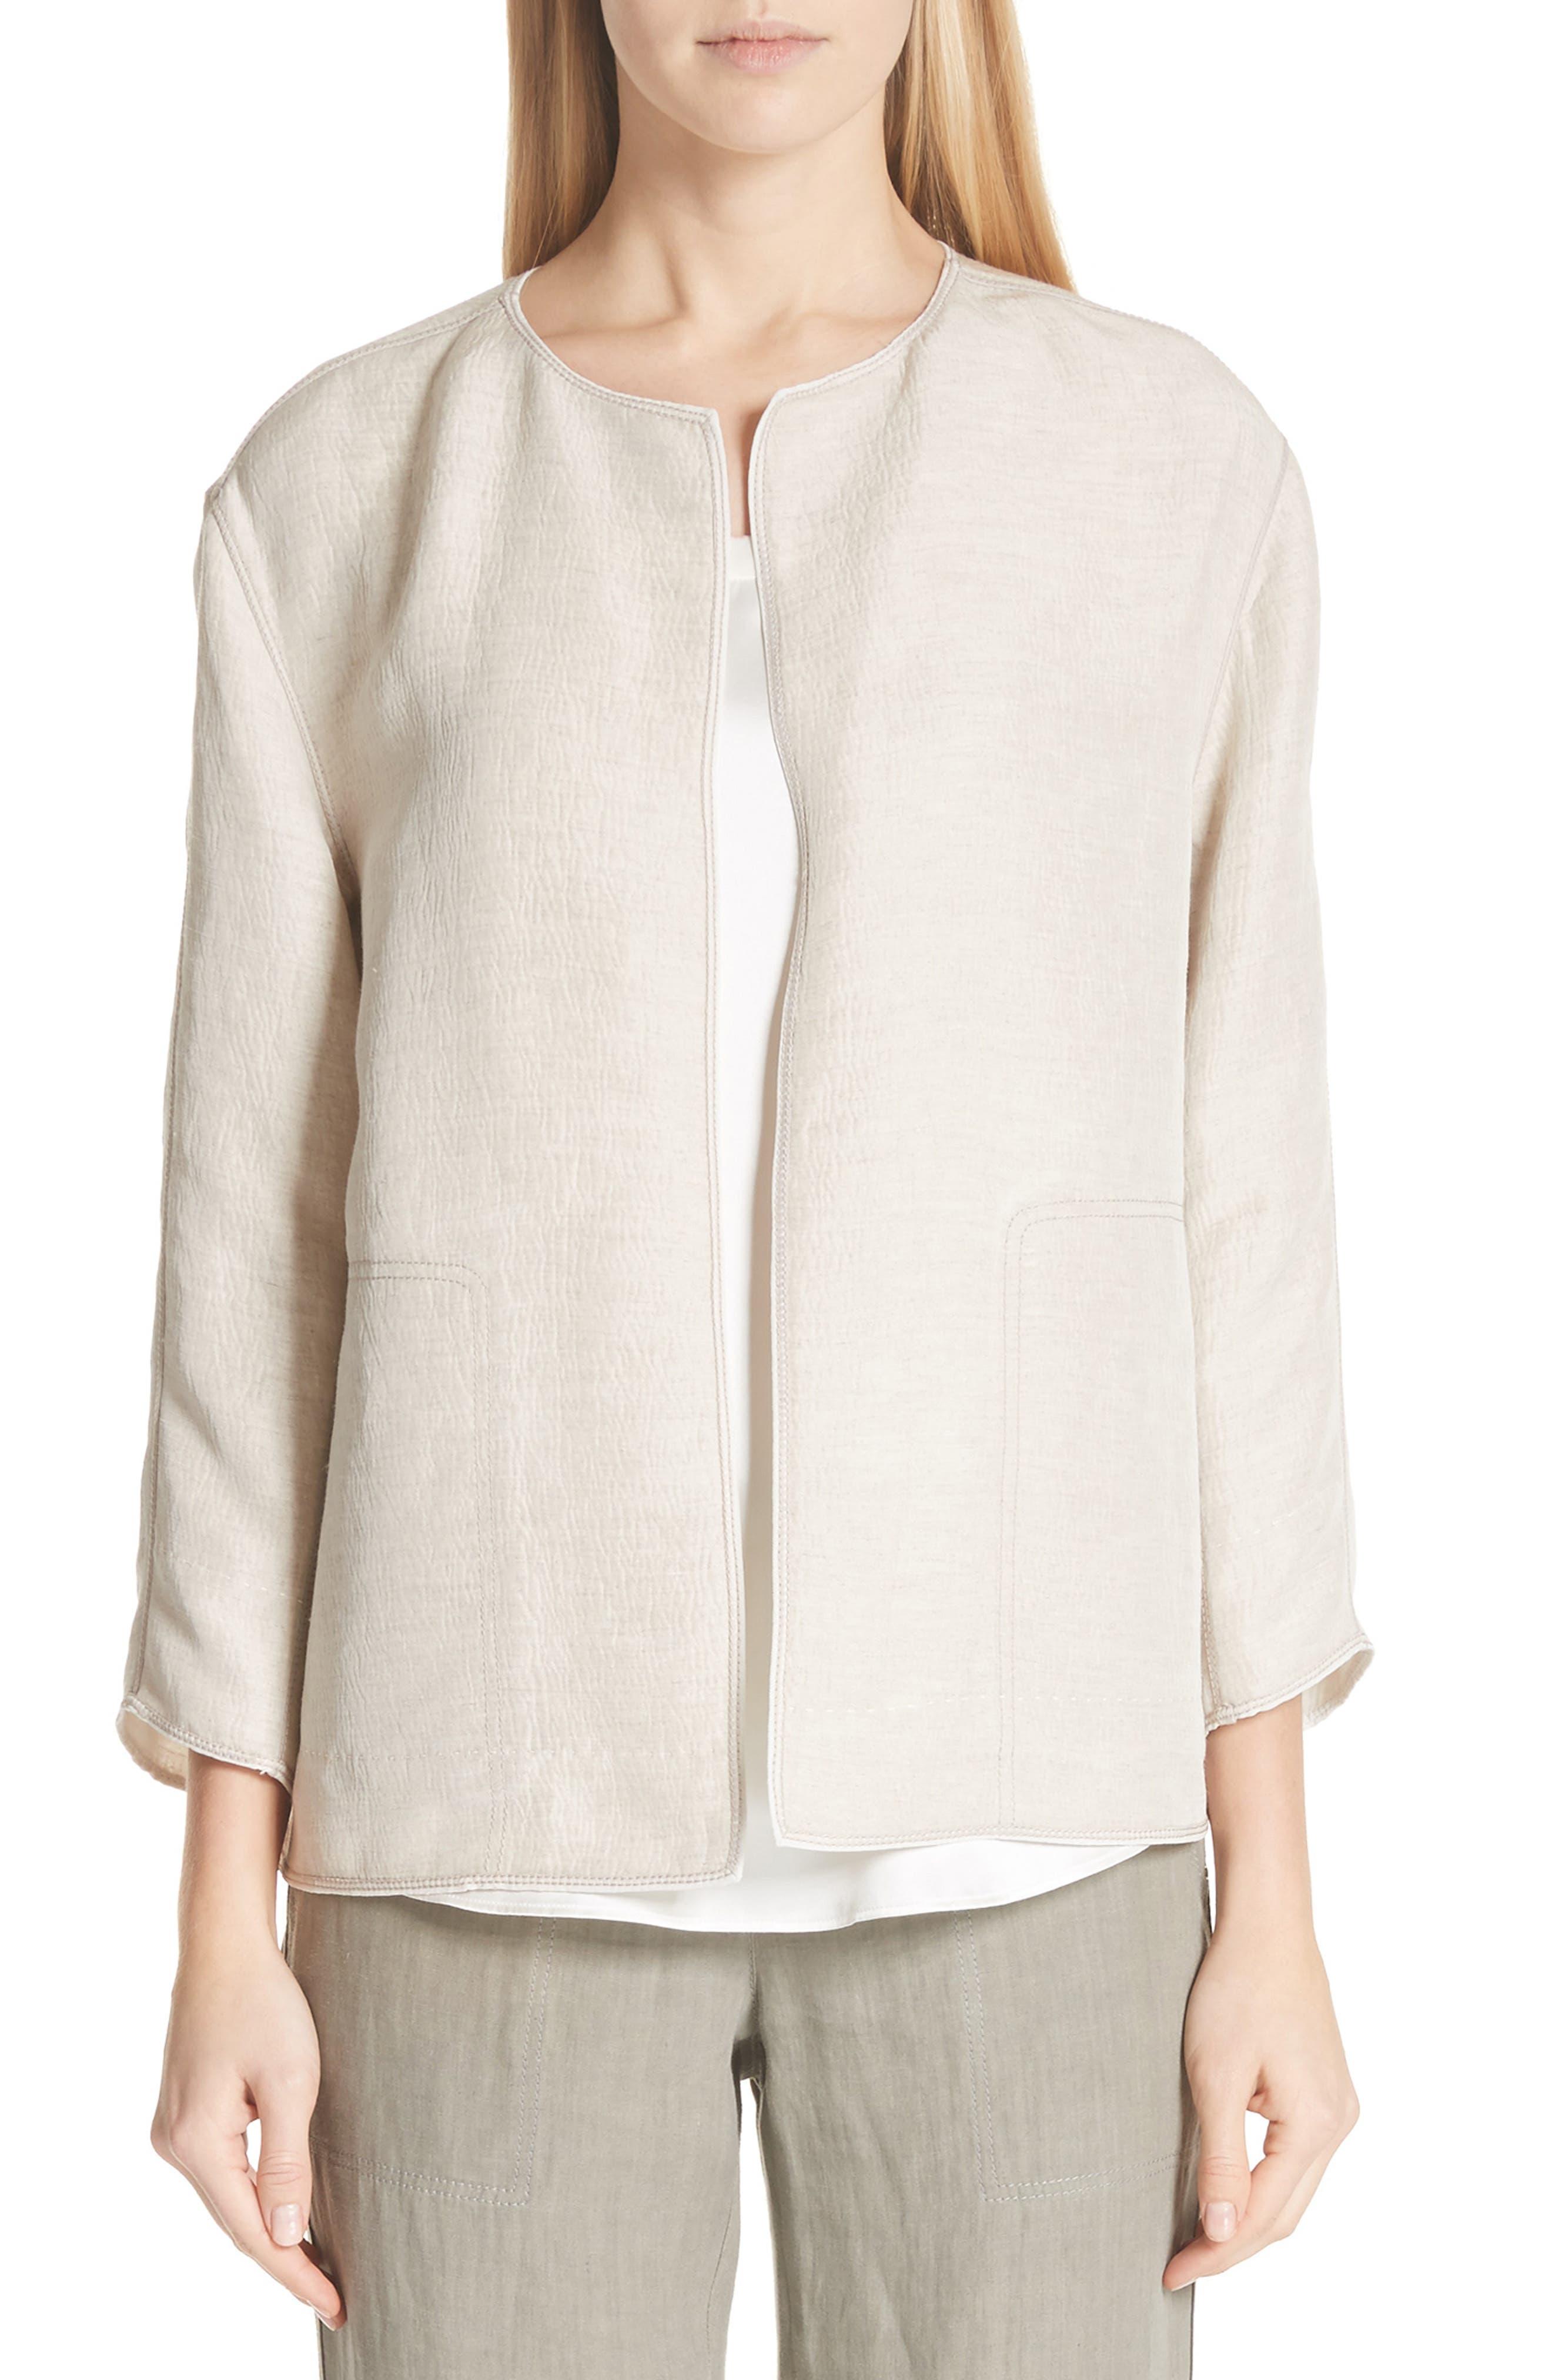 Milo Textured Jacket,                             Main thumbnail 1, color,                             Khaki Multi